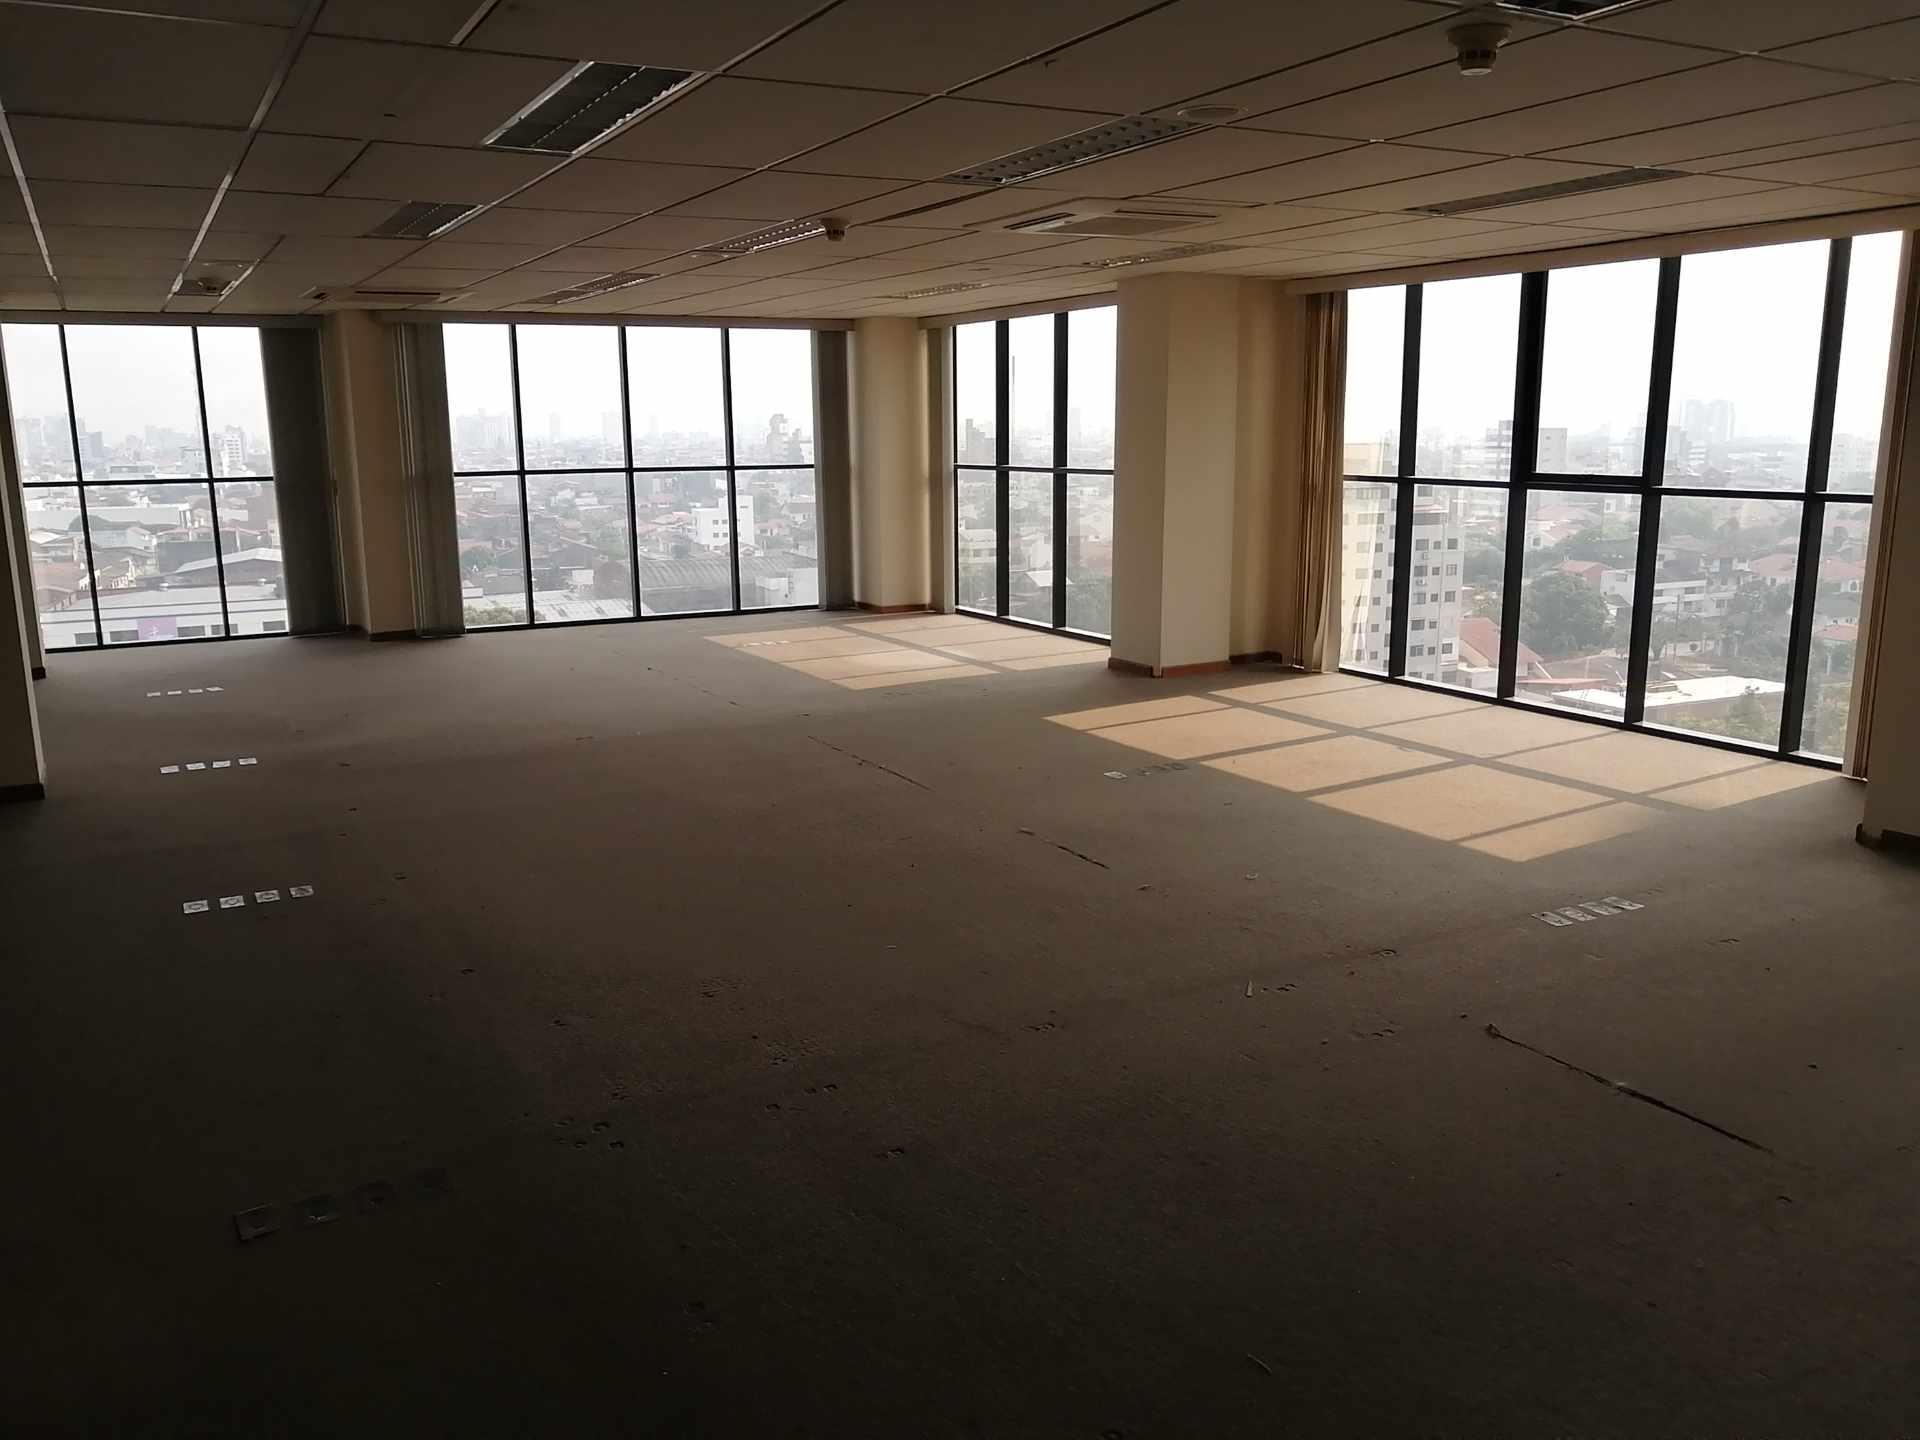 Oficina en Venta Torre Empresarial Cainco Foto 4